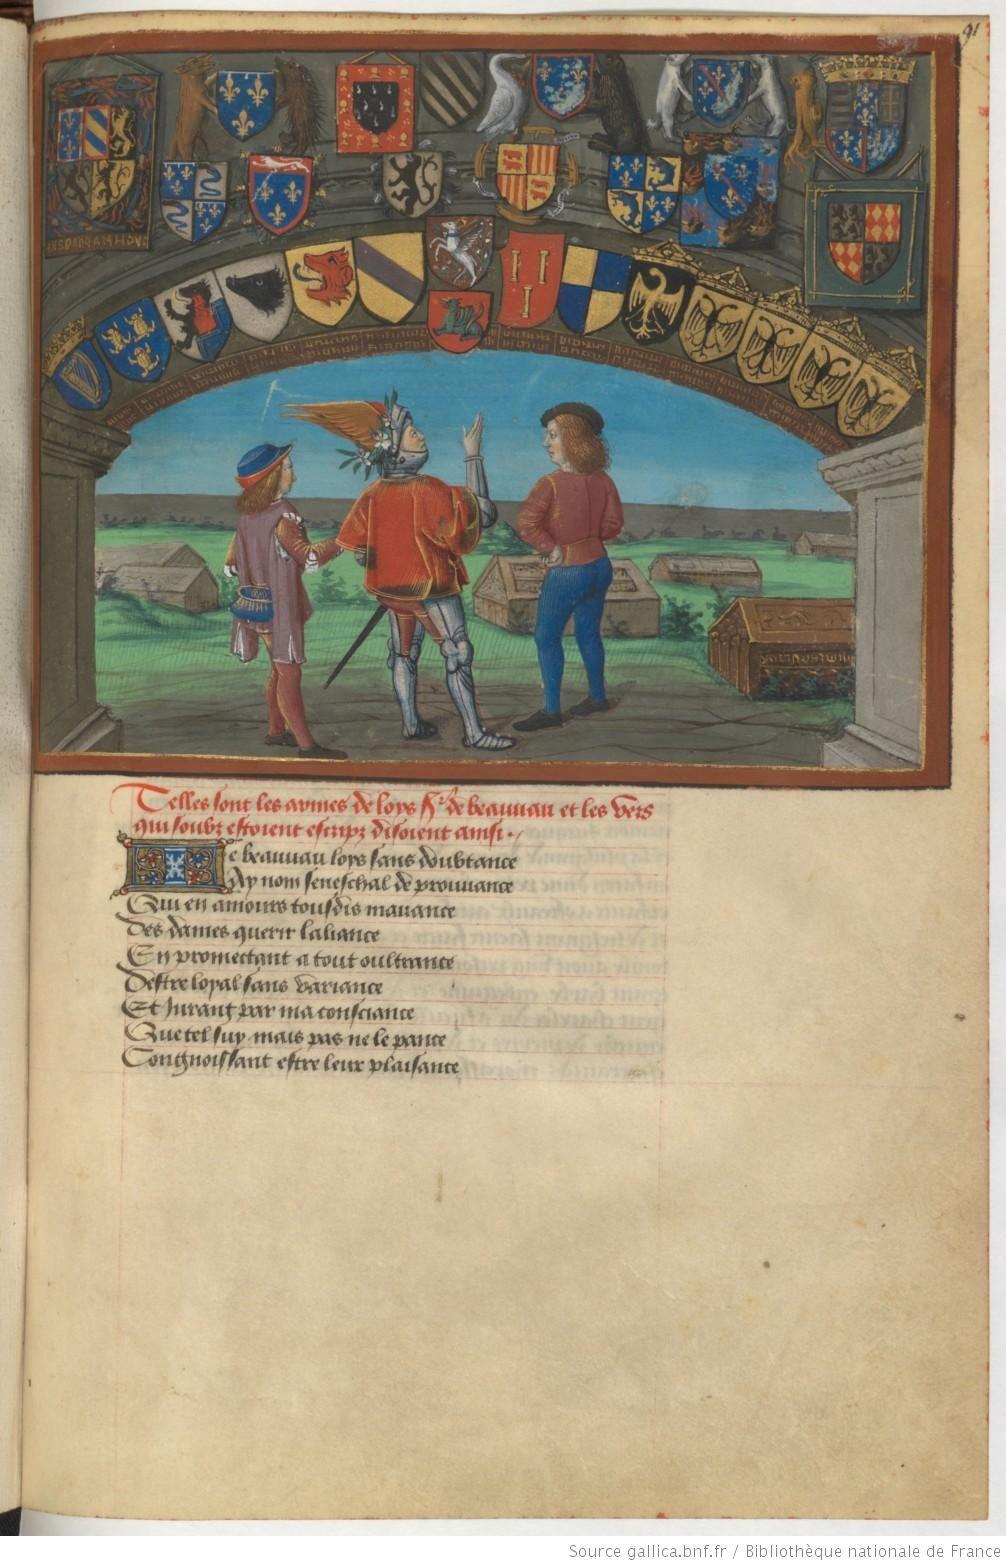 Le livre du Coeur d'amour épris, par le roi René d'Anjou